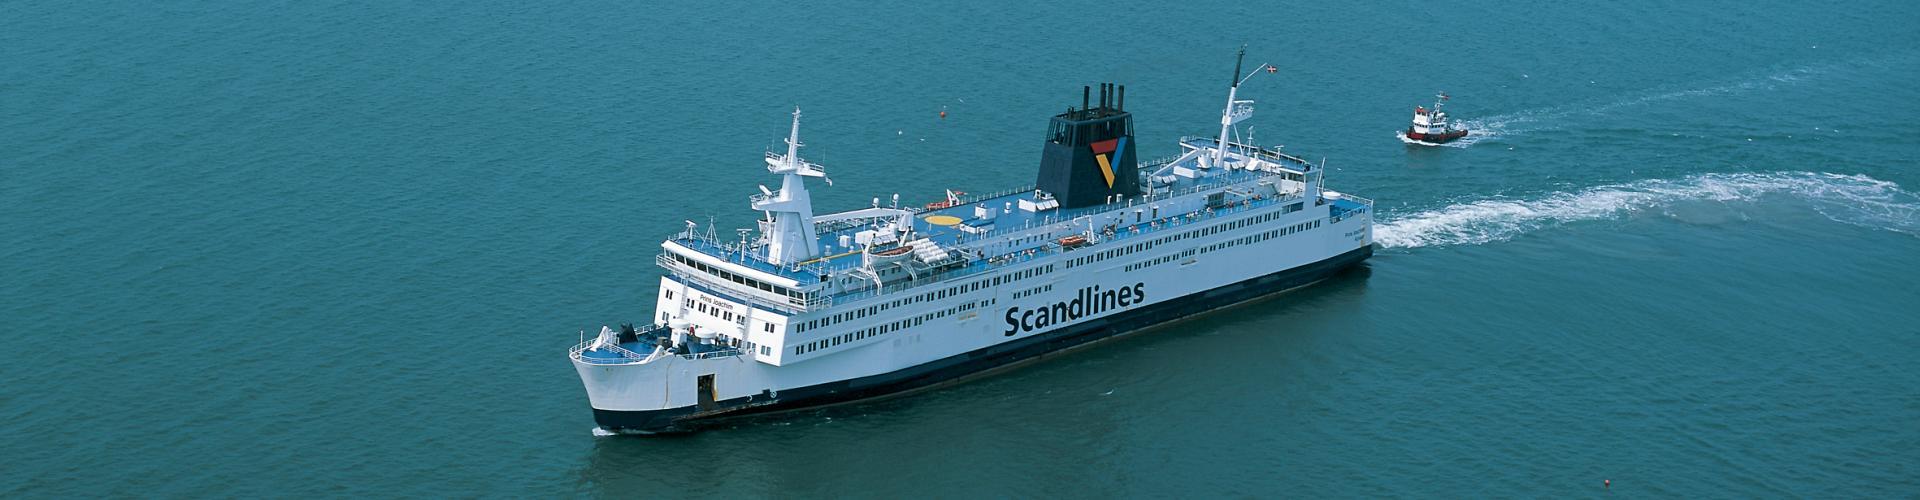 Scandlines Fähre, Ostsee